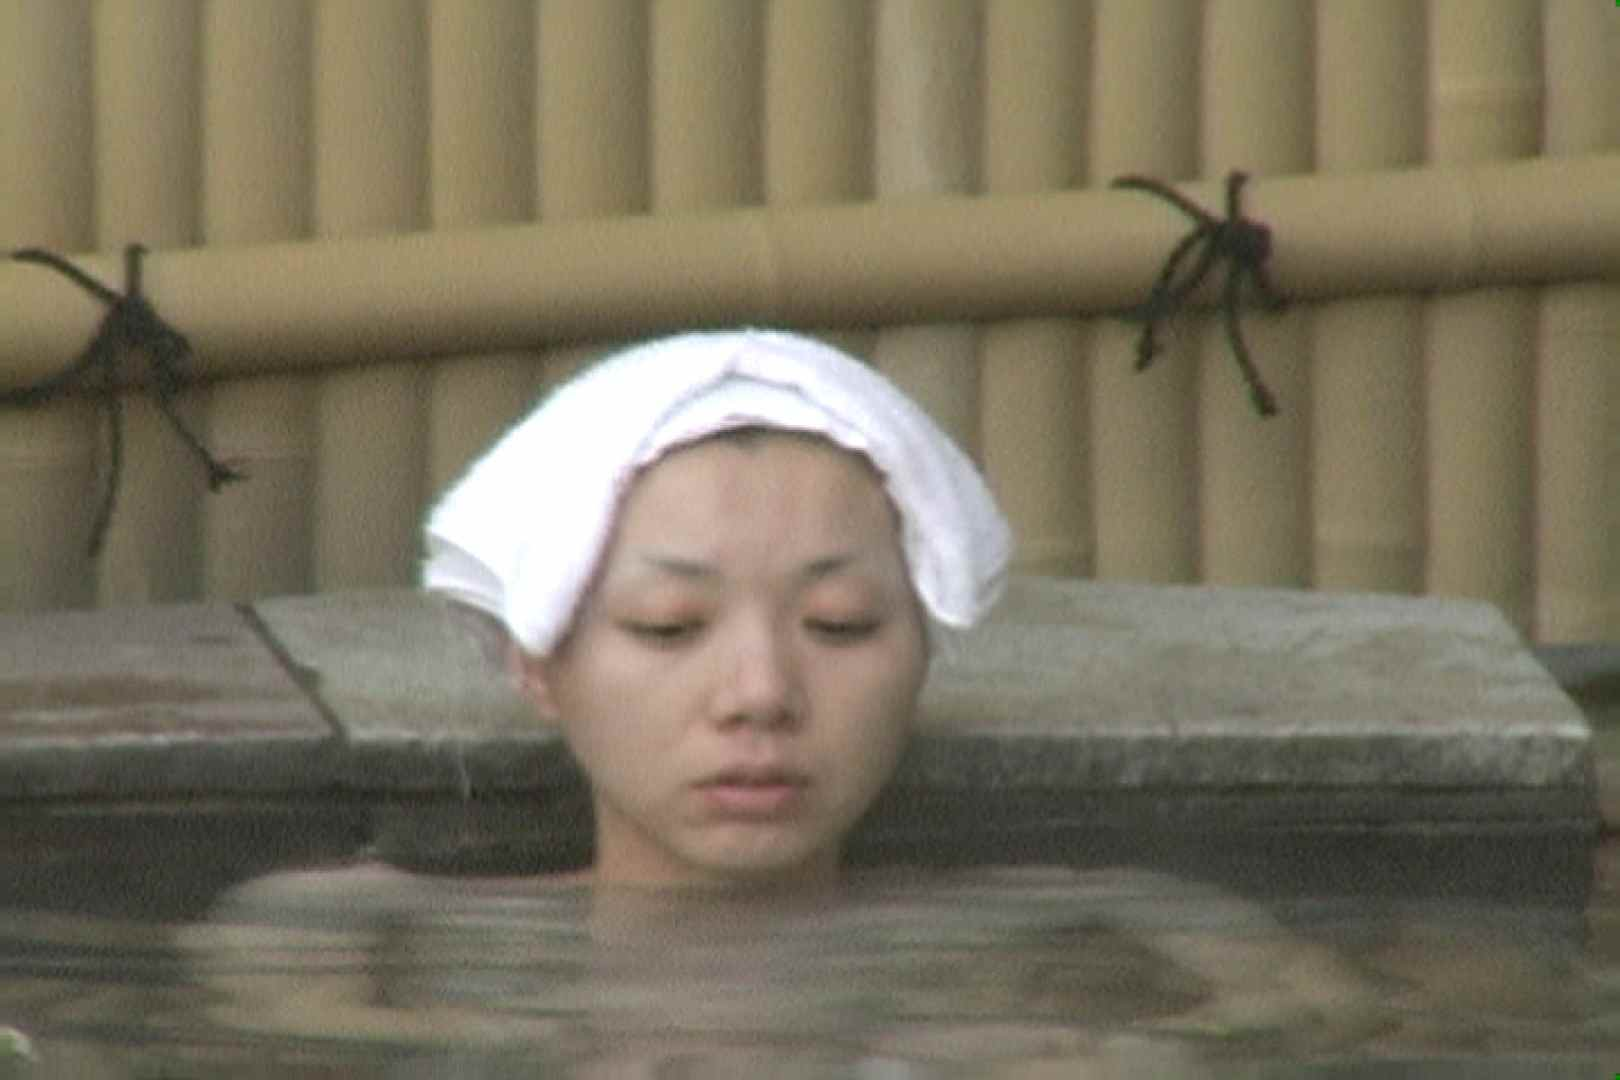 Aquaな露天風呂Vol.630 OLエロ画像  110PICs 33